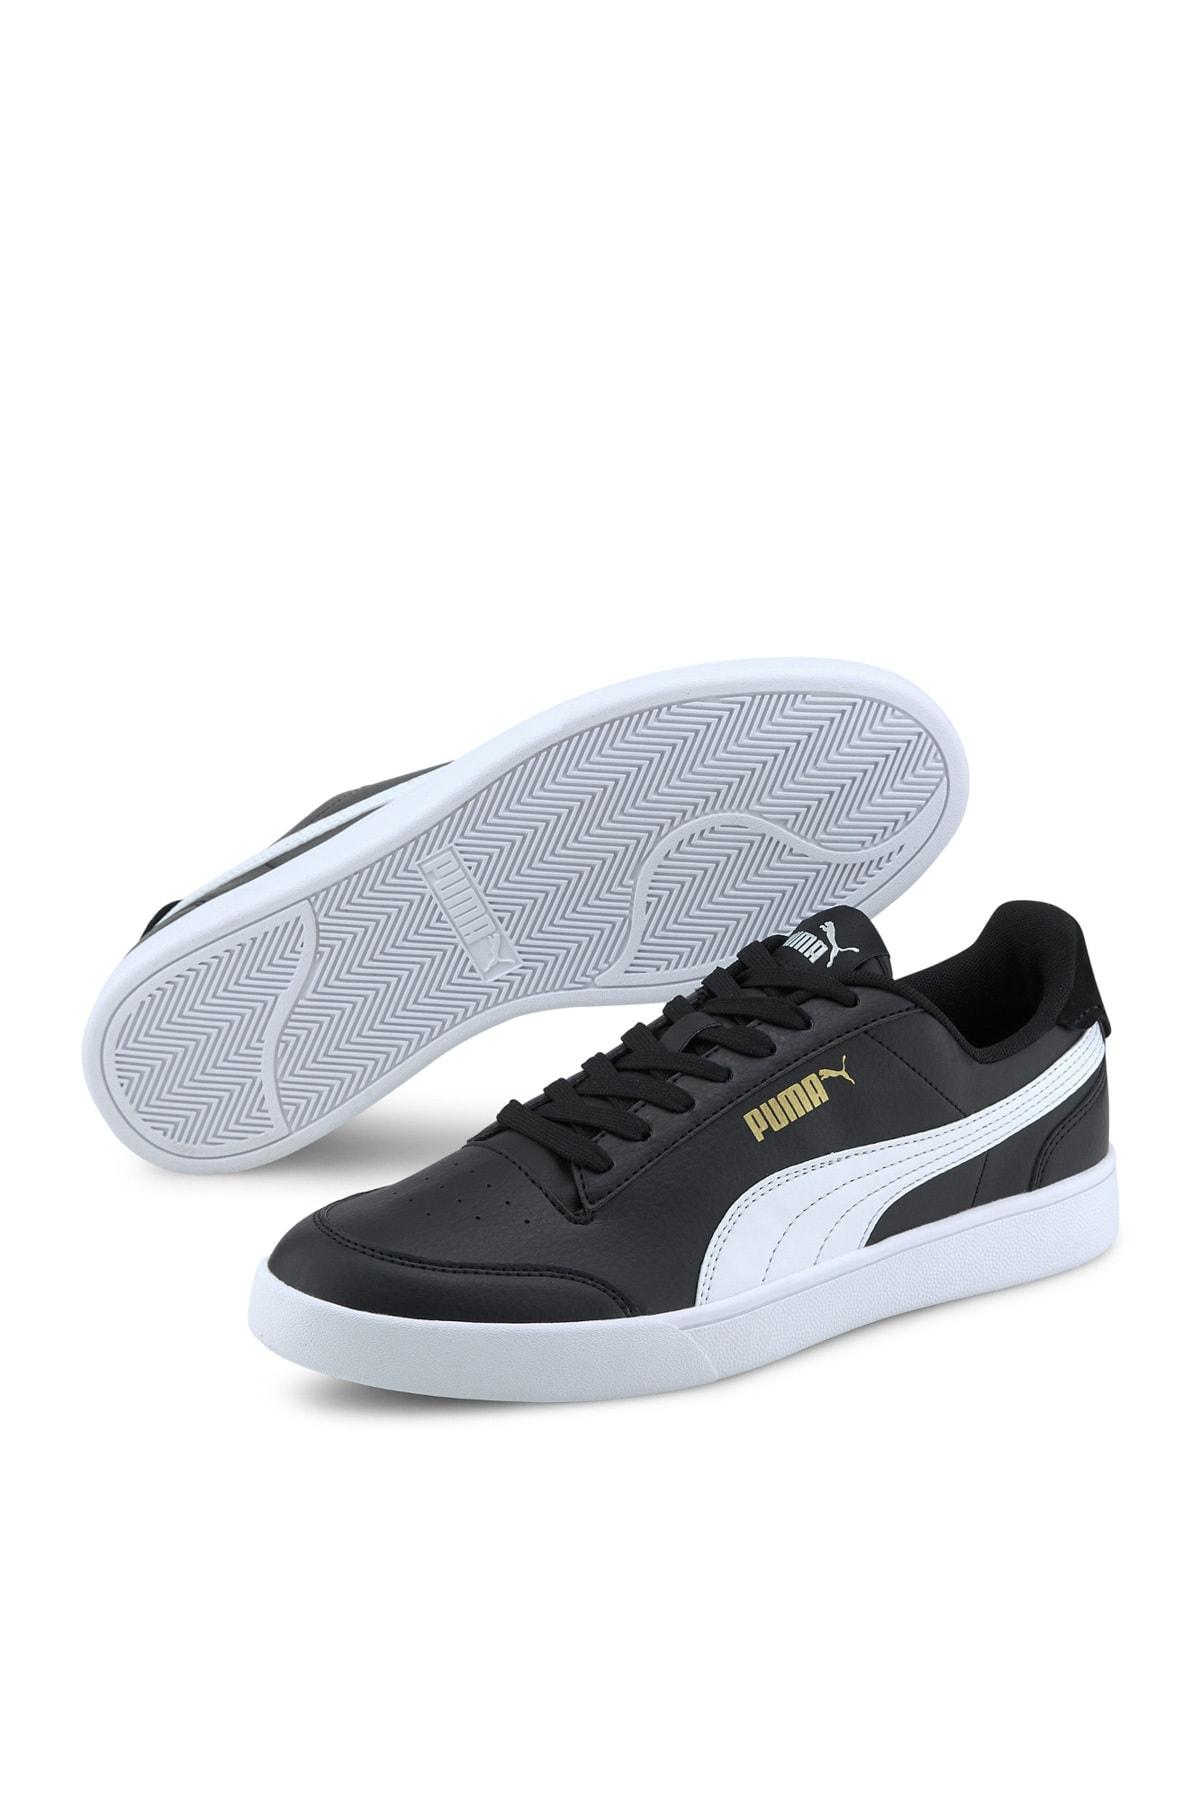 Puma Shuffle A Erkek Günlük Ayakkabı - 30966804 1